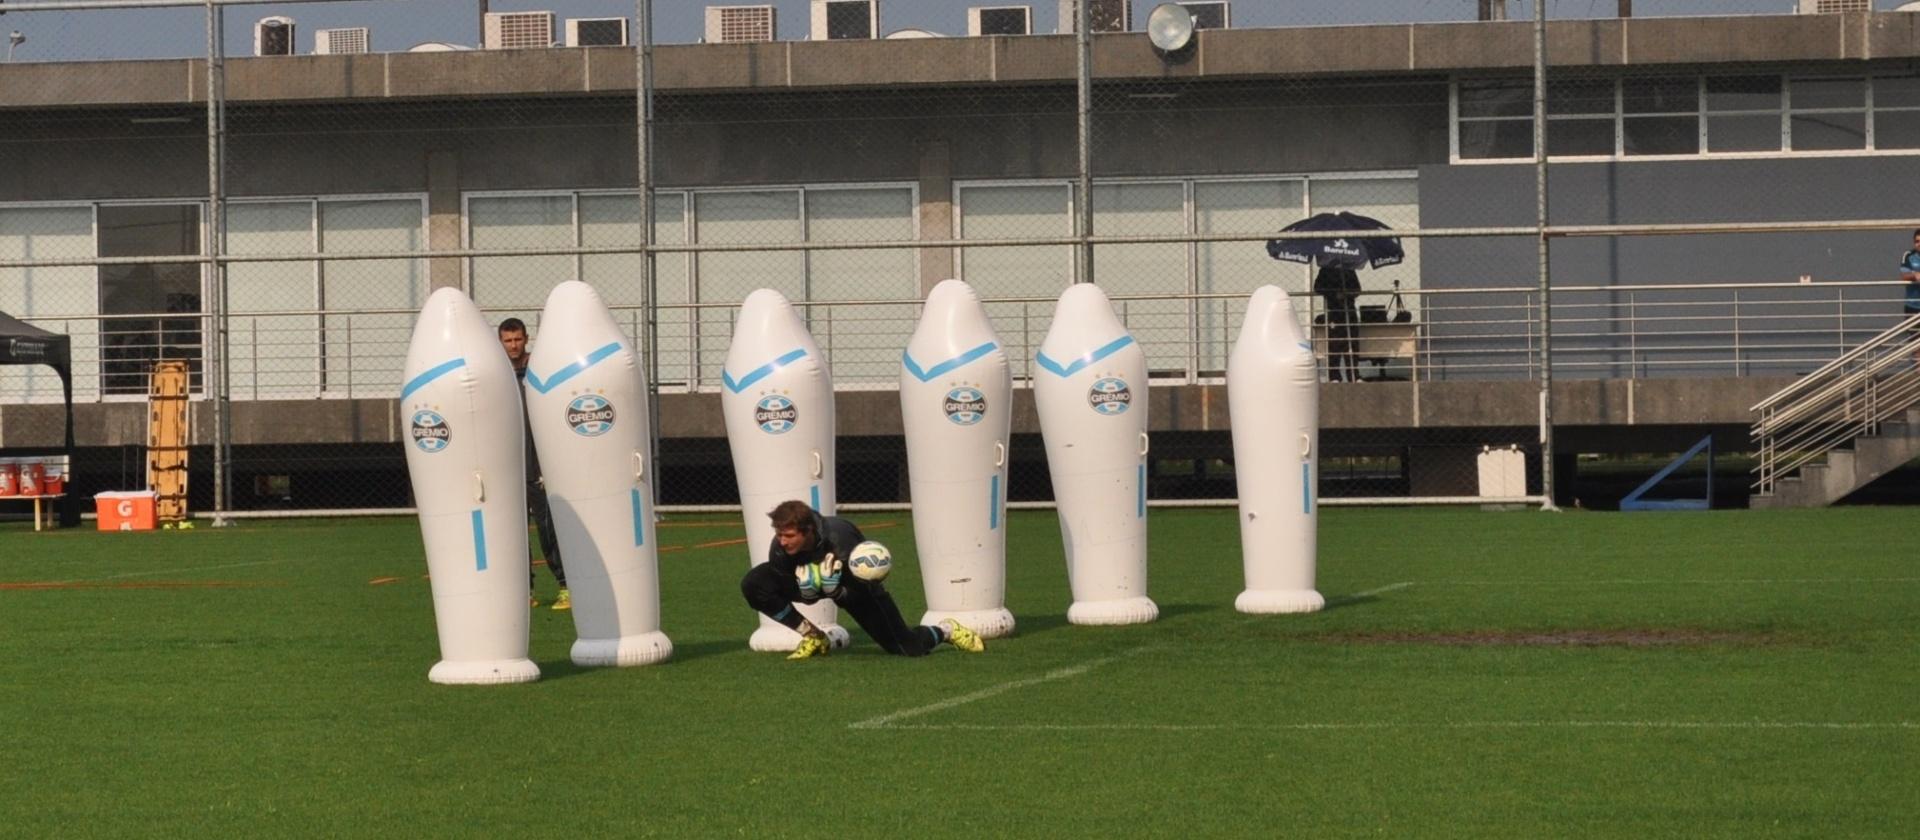 Tiago tenta a defesa em treinamento de saída de bola